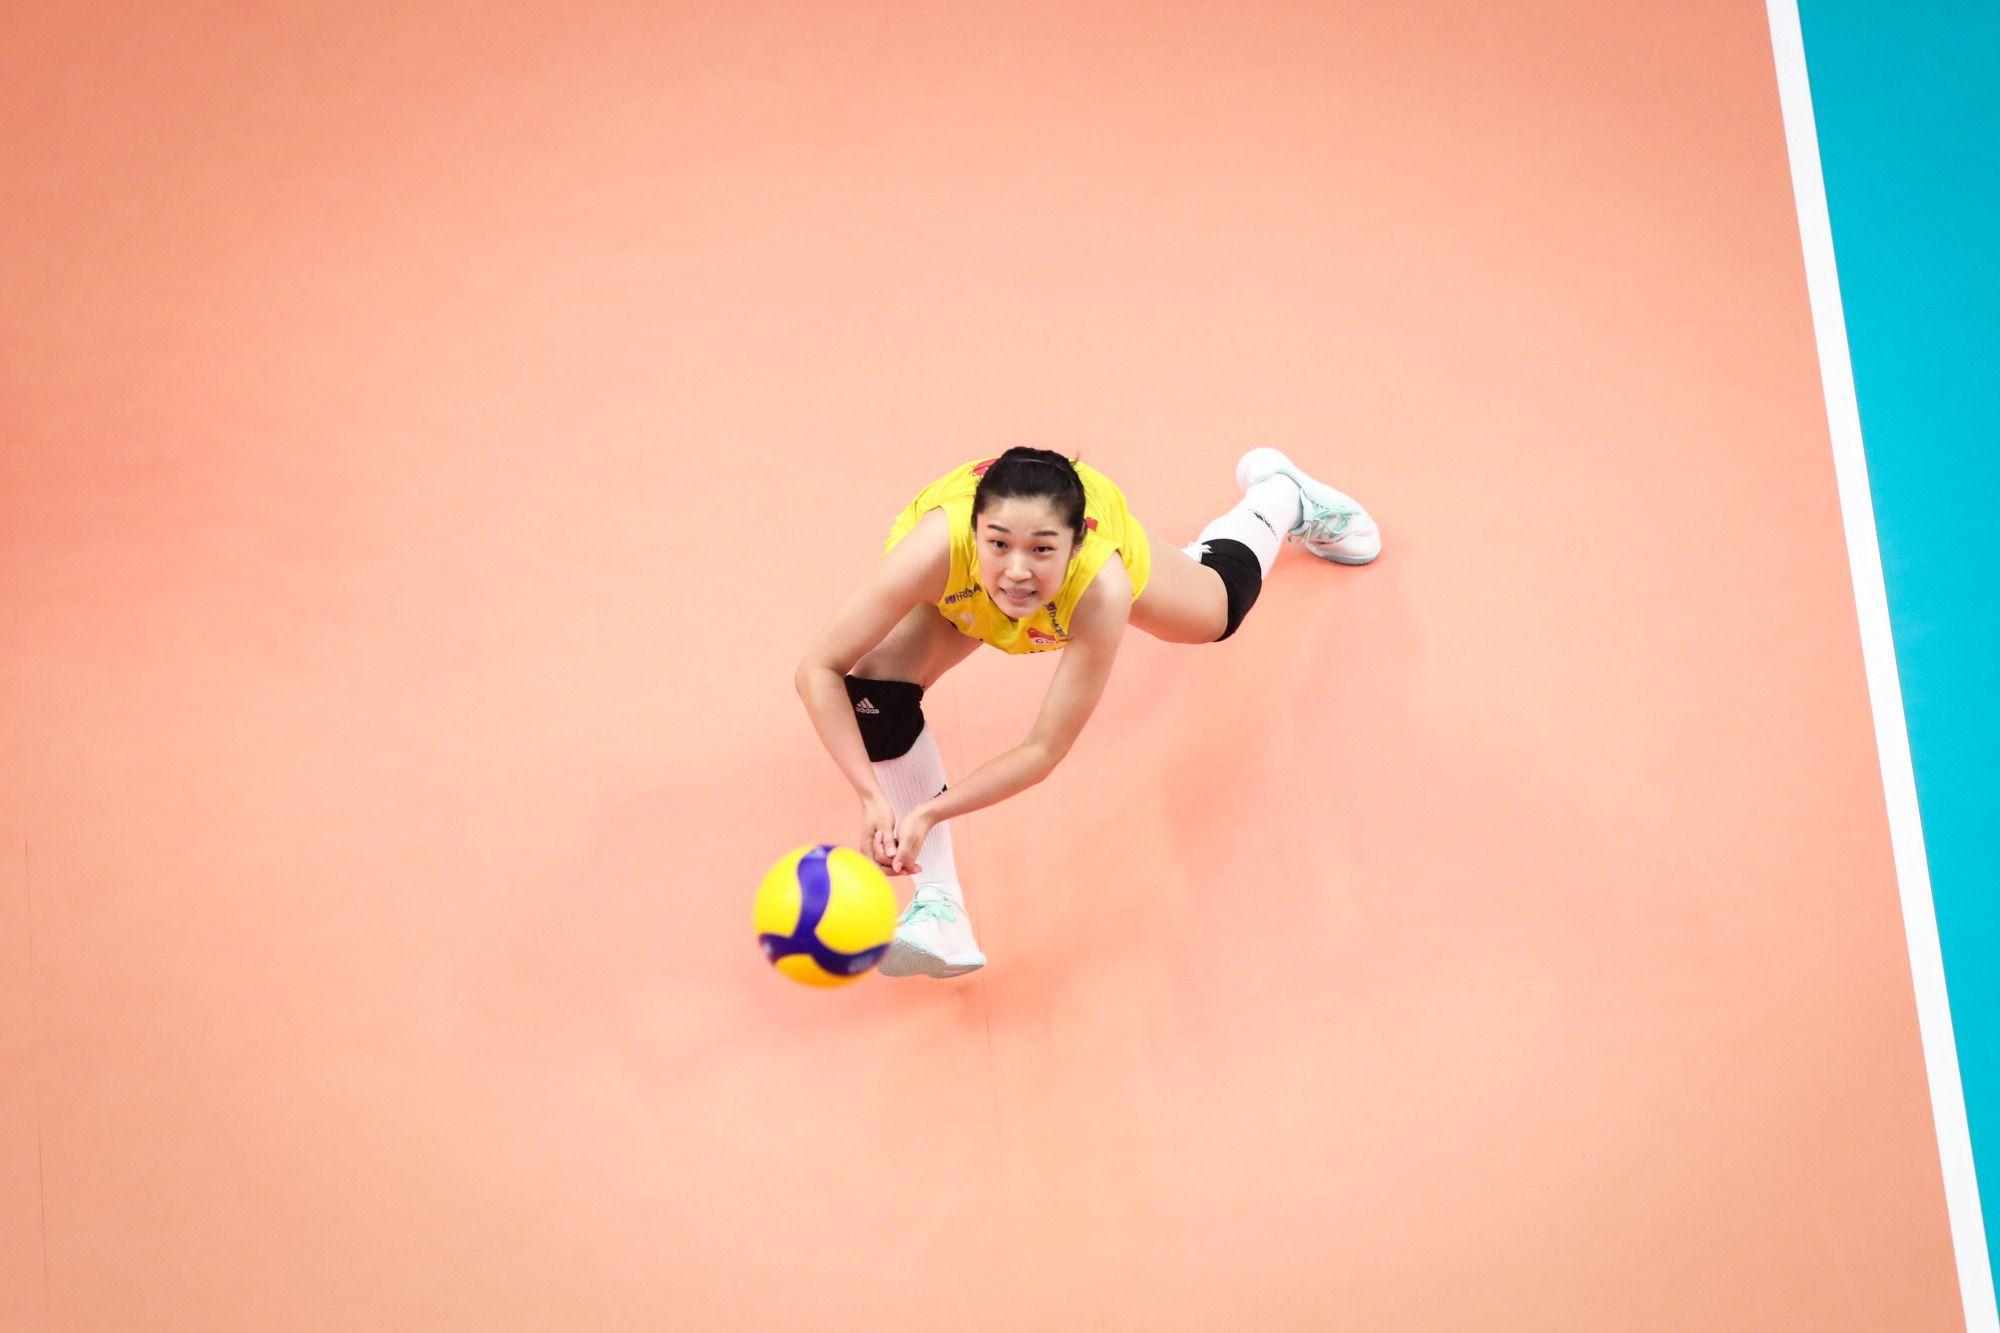 中国女排又轰3-0!朱婷26扣18中,再次荣膺得分王,李盈莹11分